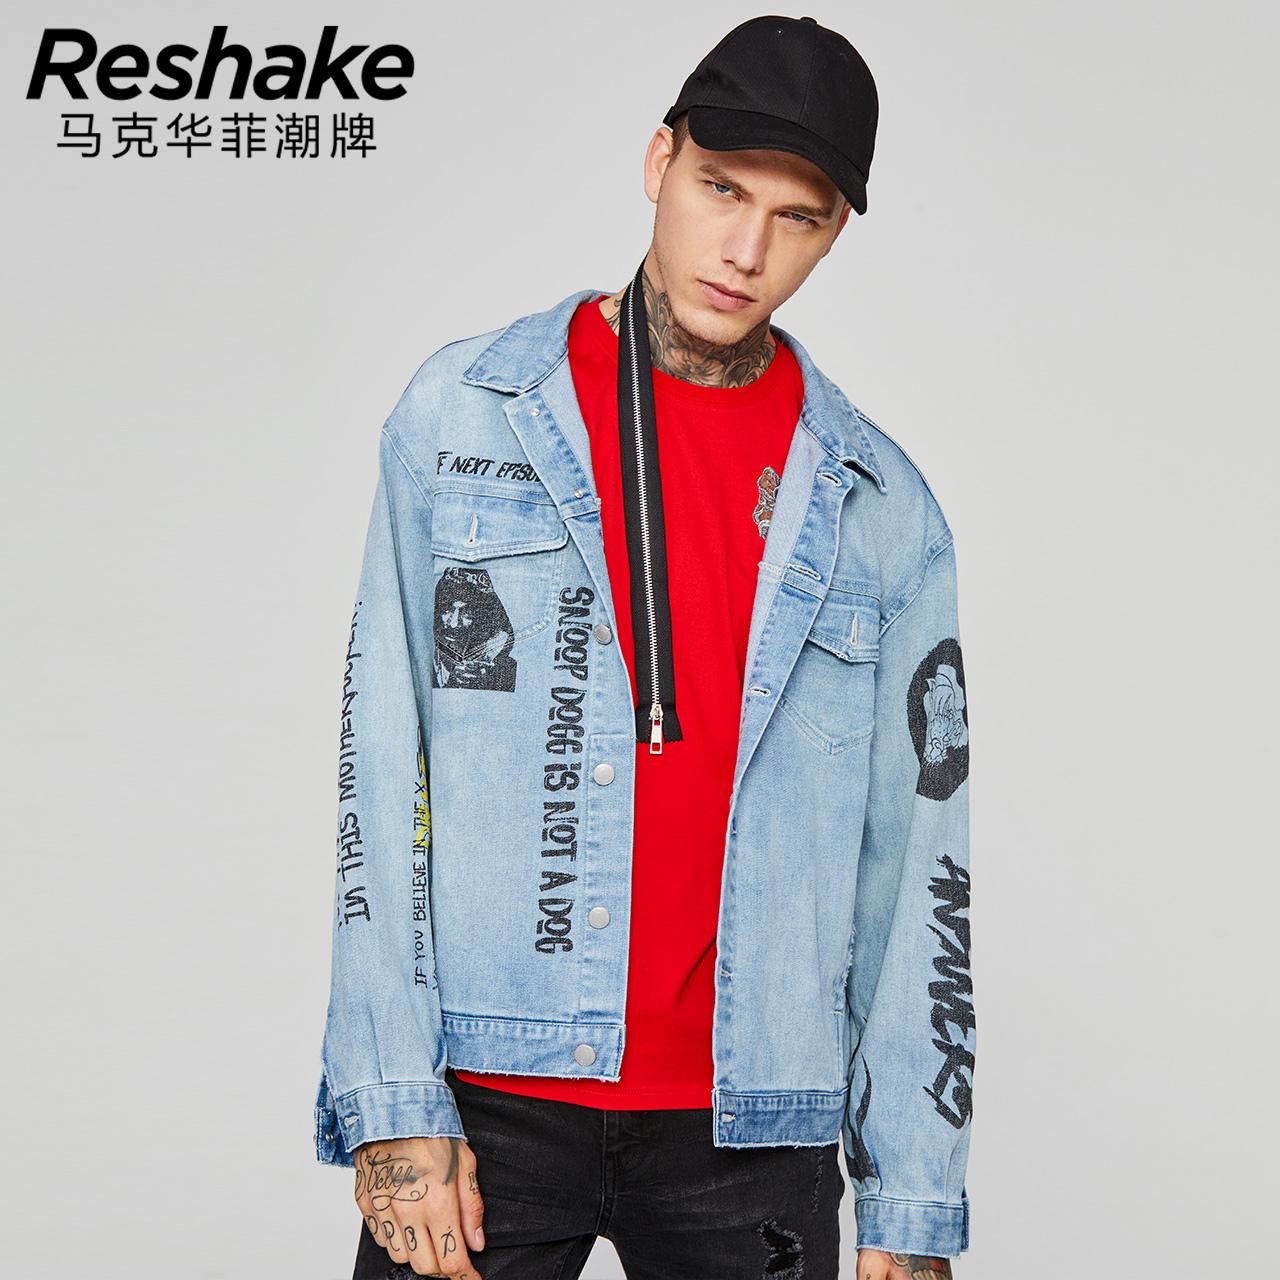 Reshake华菲型格潮牌夹克男牛仔衣18秋个性涂鸦印牛仔外套